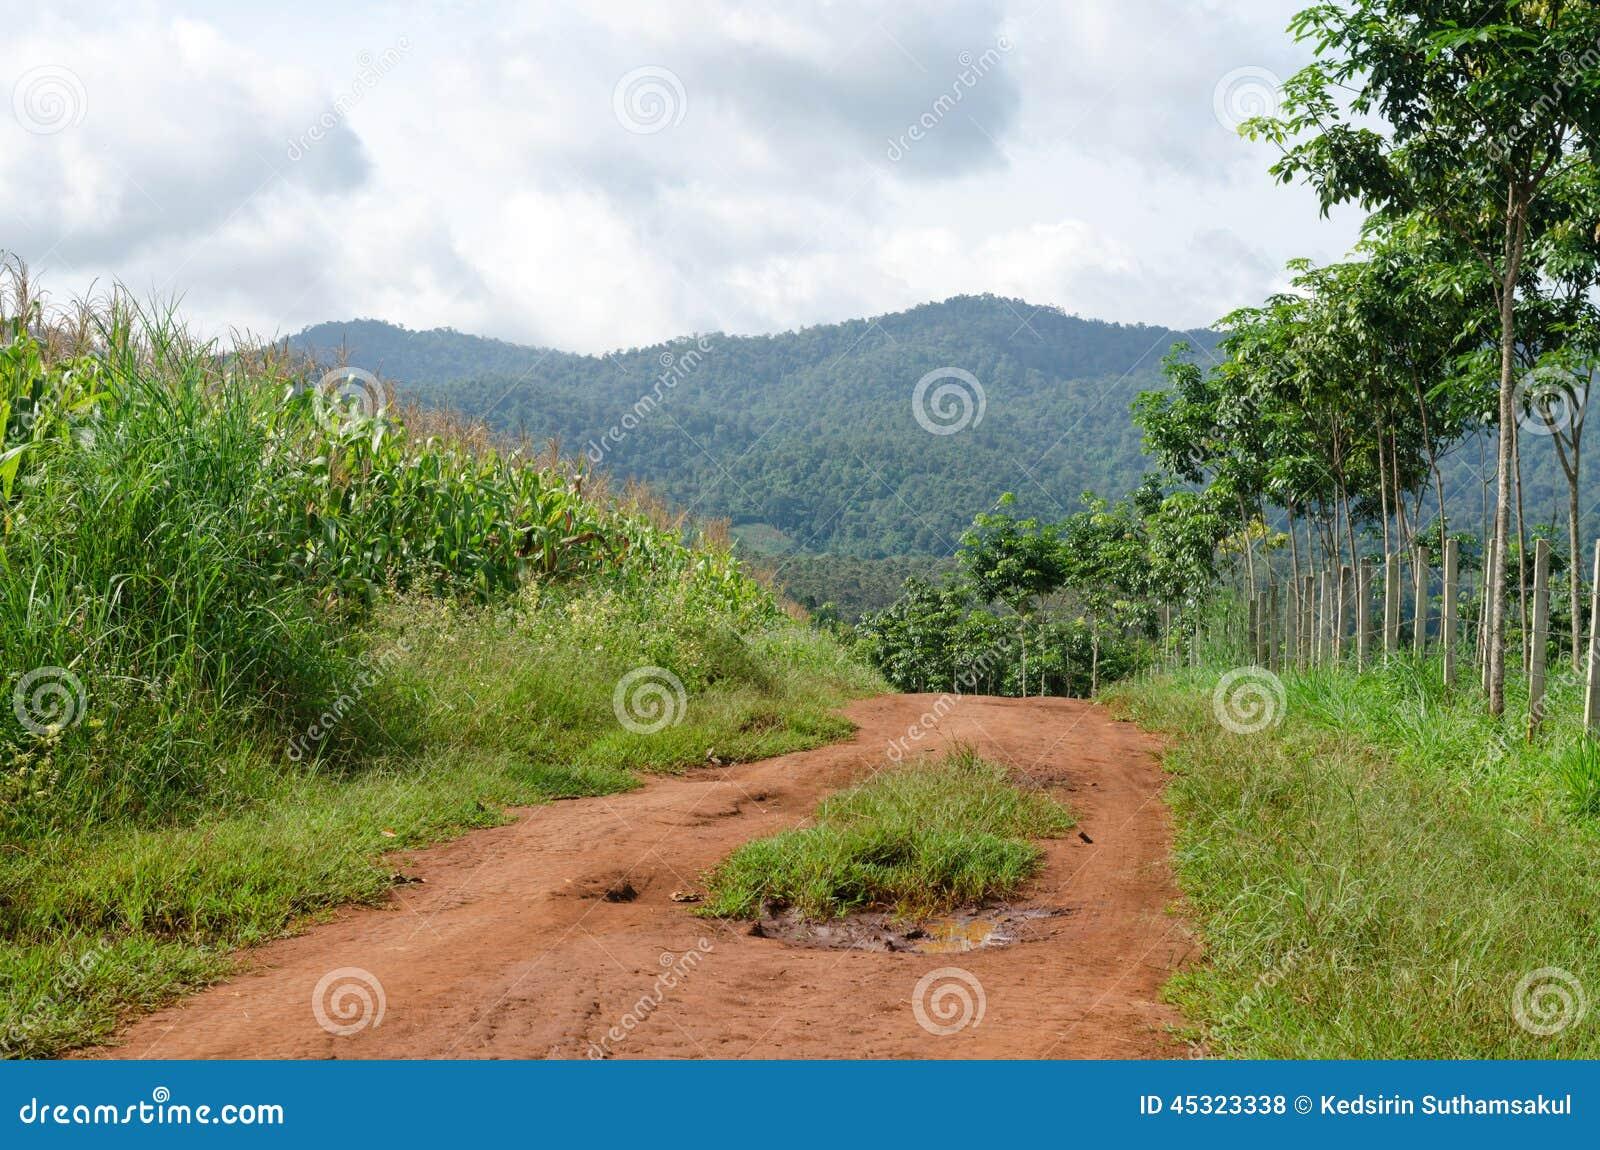 Ländlicher Schotterweg und grüne Wiese auf langem Weg